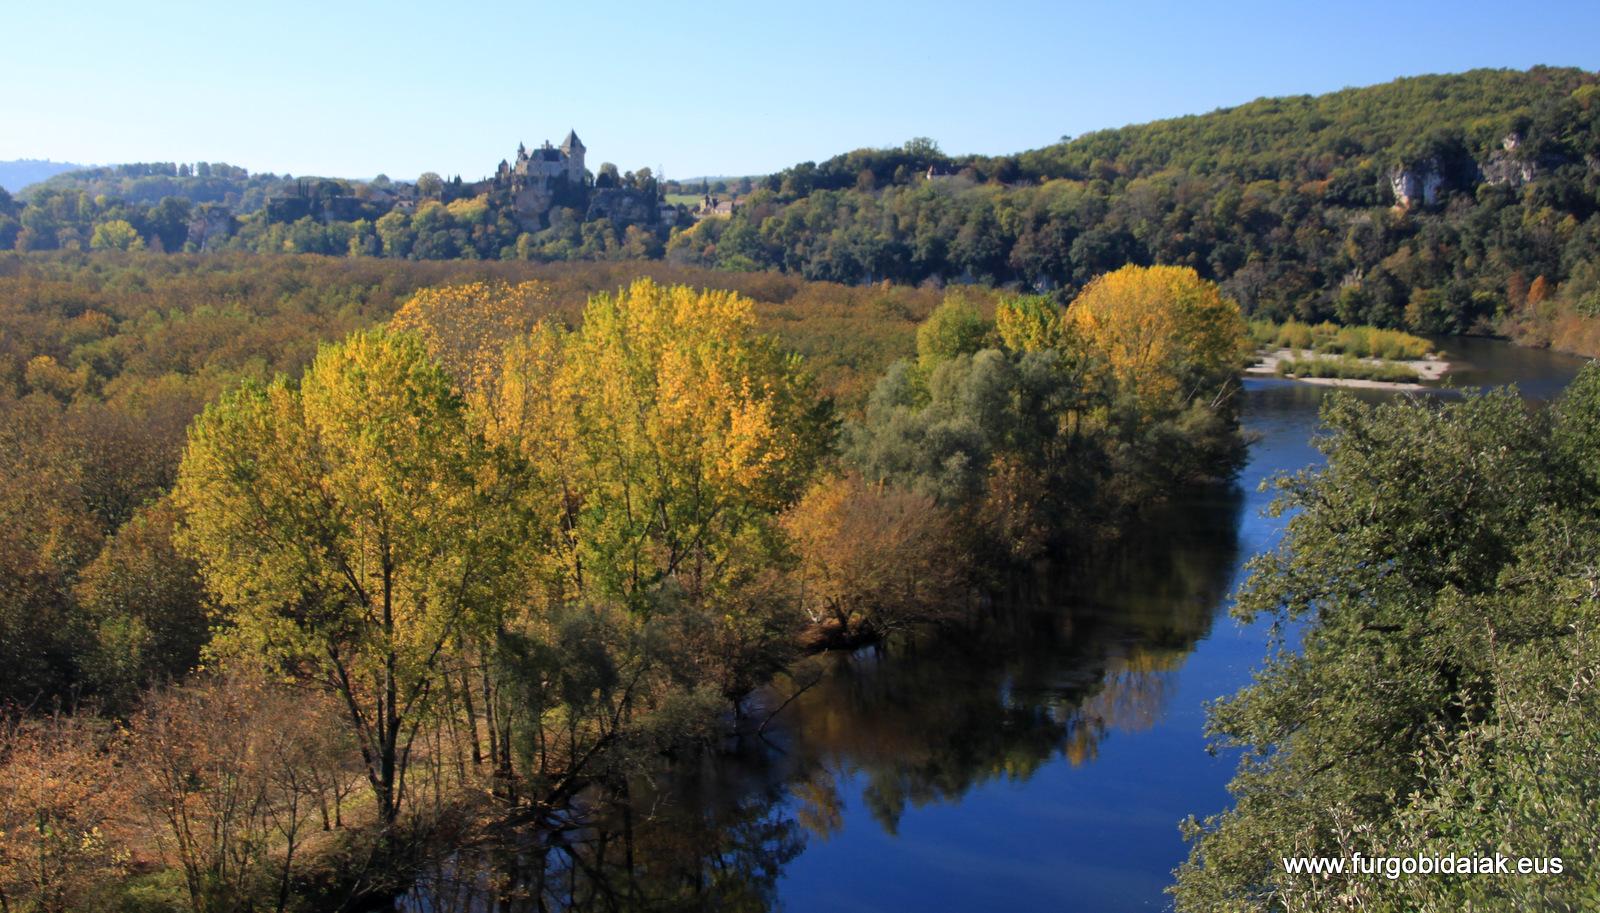 Cingle de Monfort Dordogne